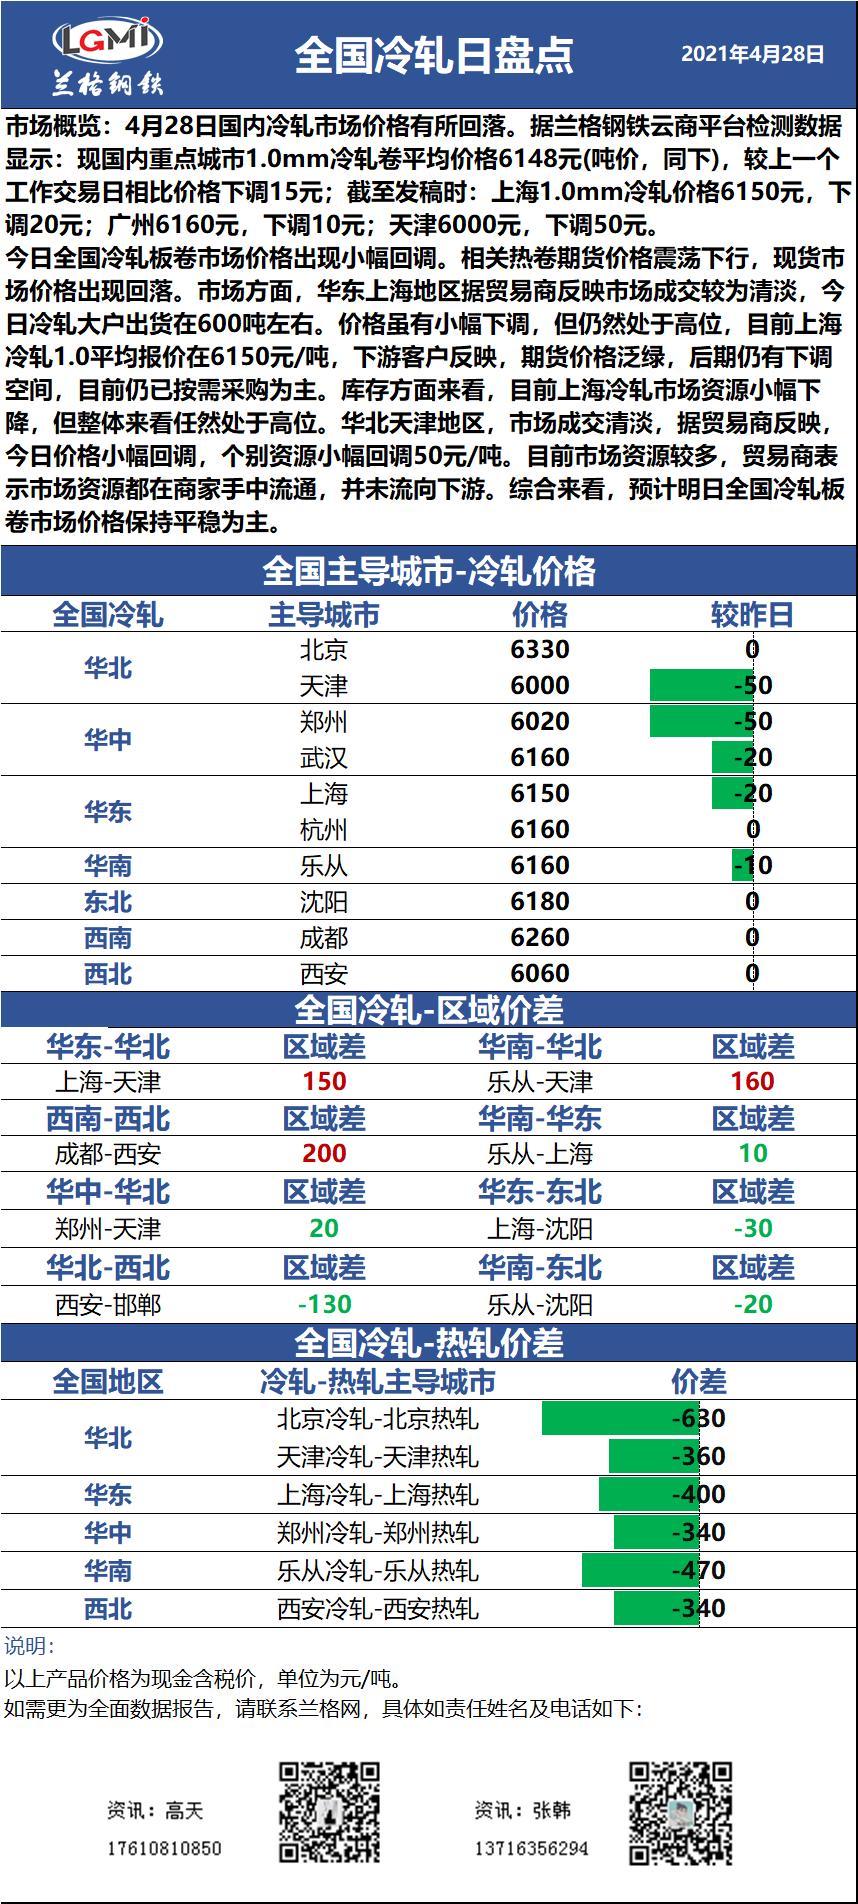 兰格冷轧板卷日盘点(4.28):价格有所回落 市场成交清淡